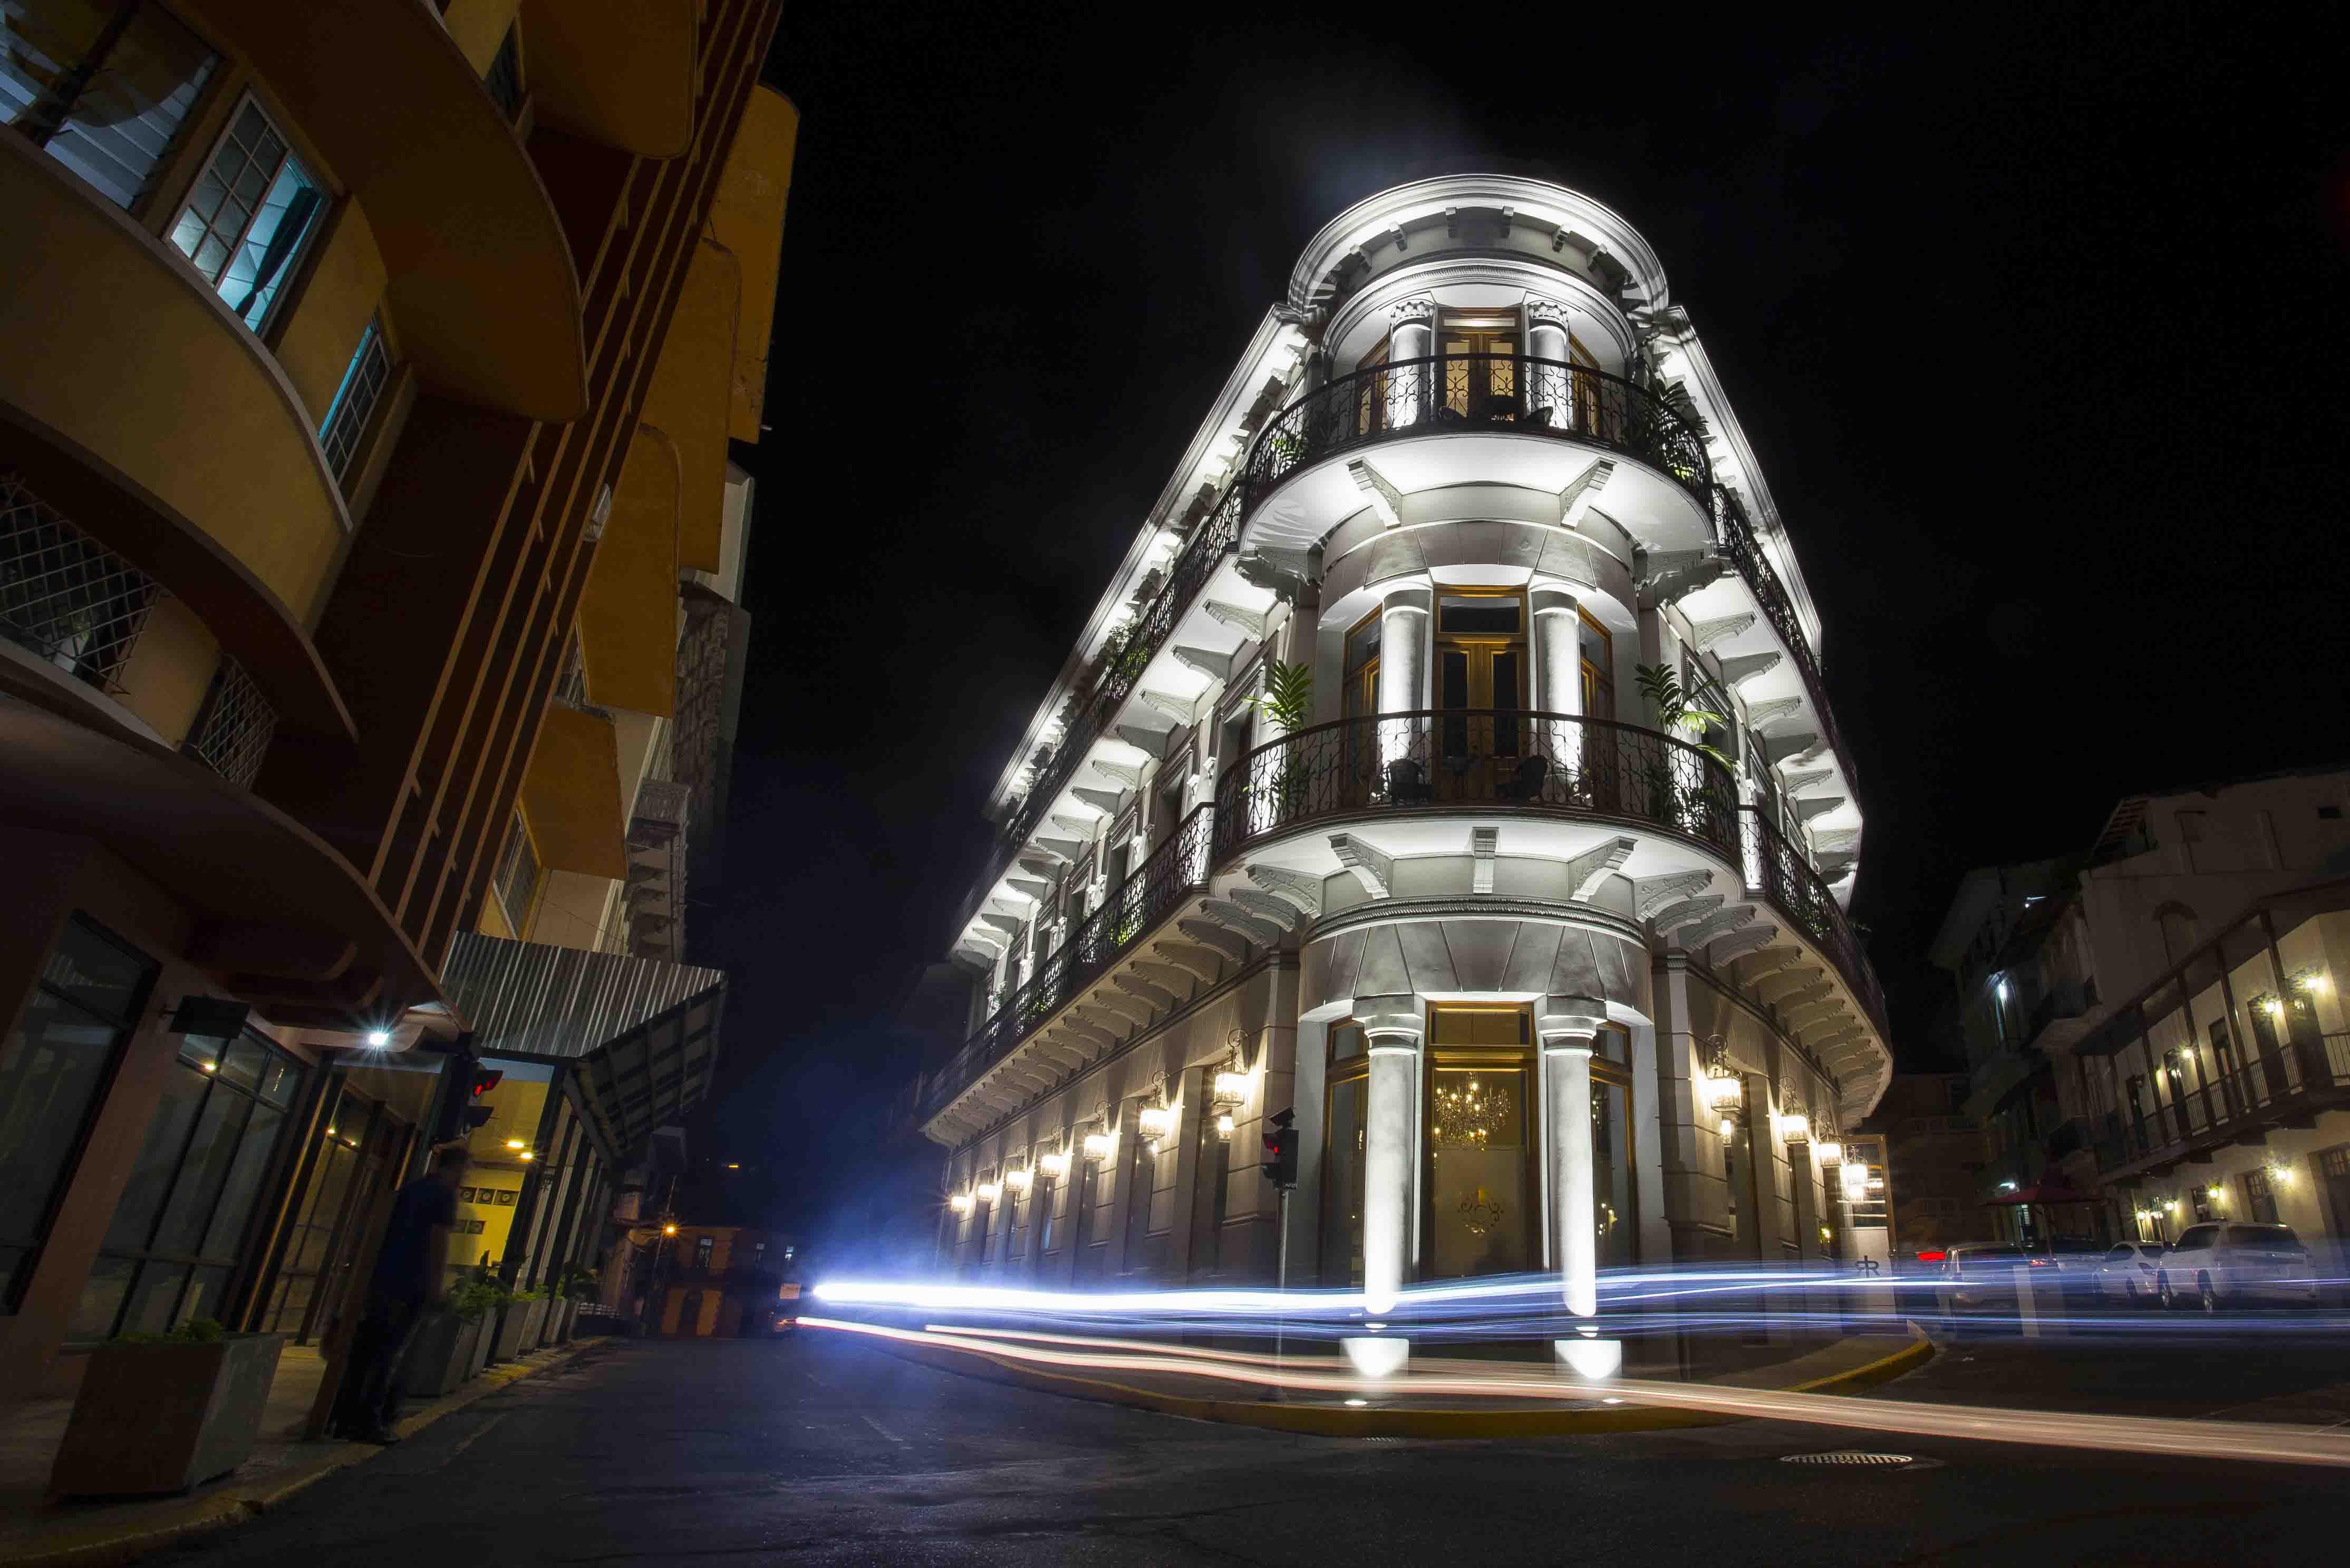 La Concordia Boutique Hotel - Casco Viejo - Panamá